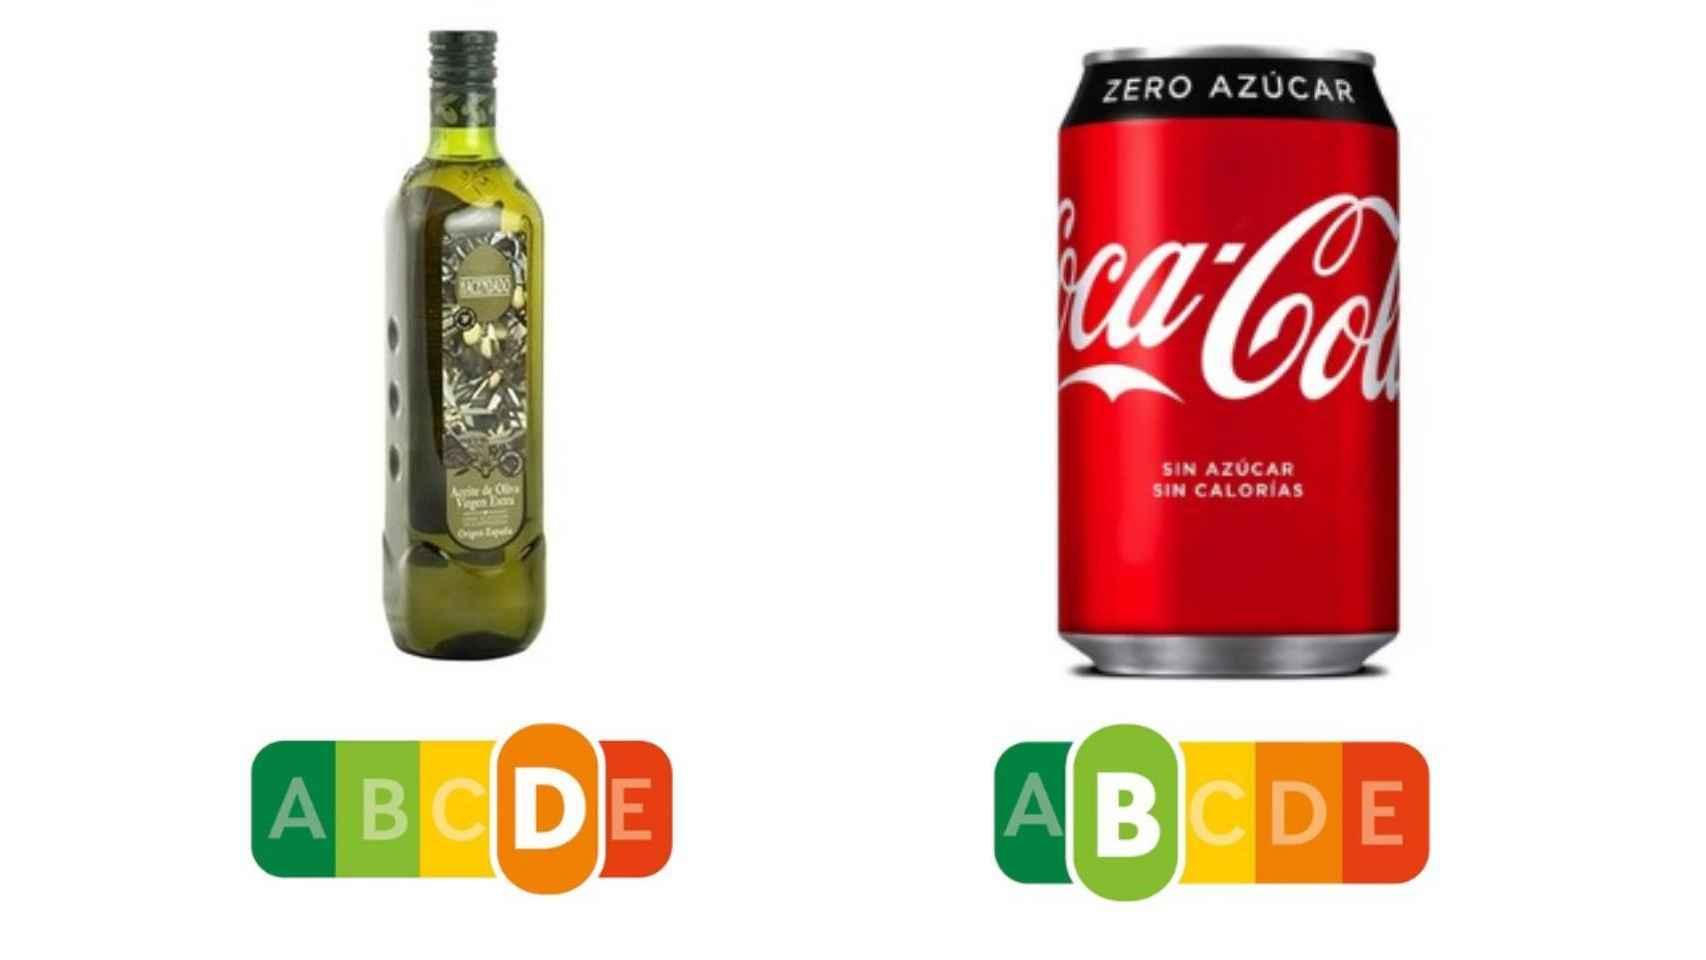 La Coca-Cola Zero es más 'sana' que el aceite de oliva: el semáforo de Sanidad empieza con polémica